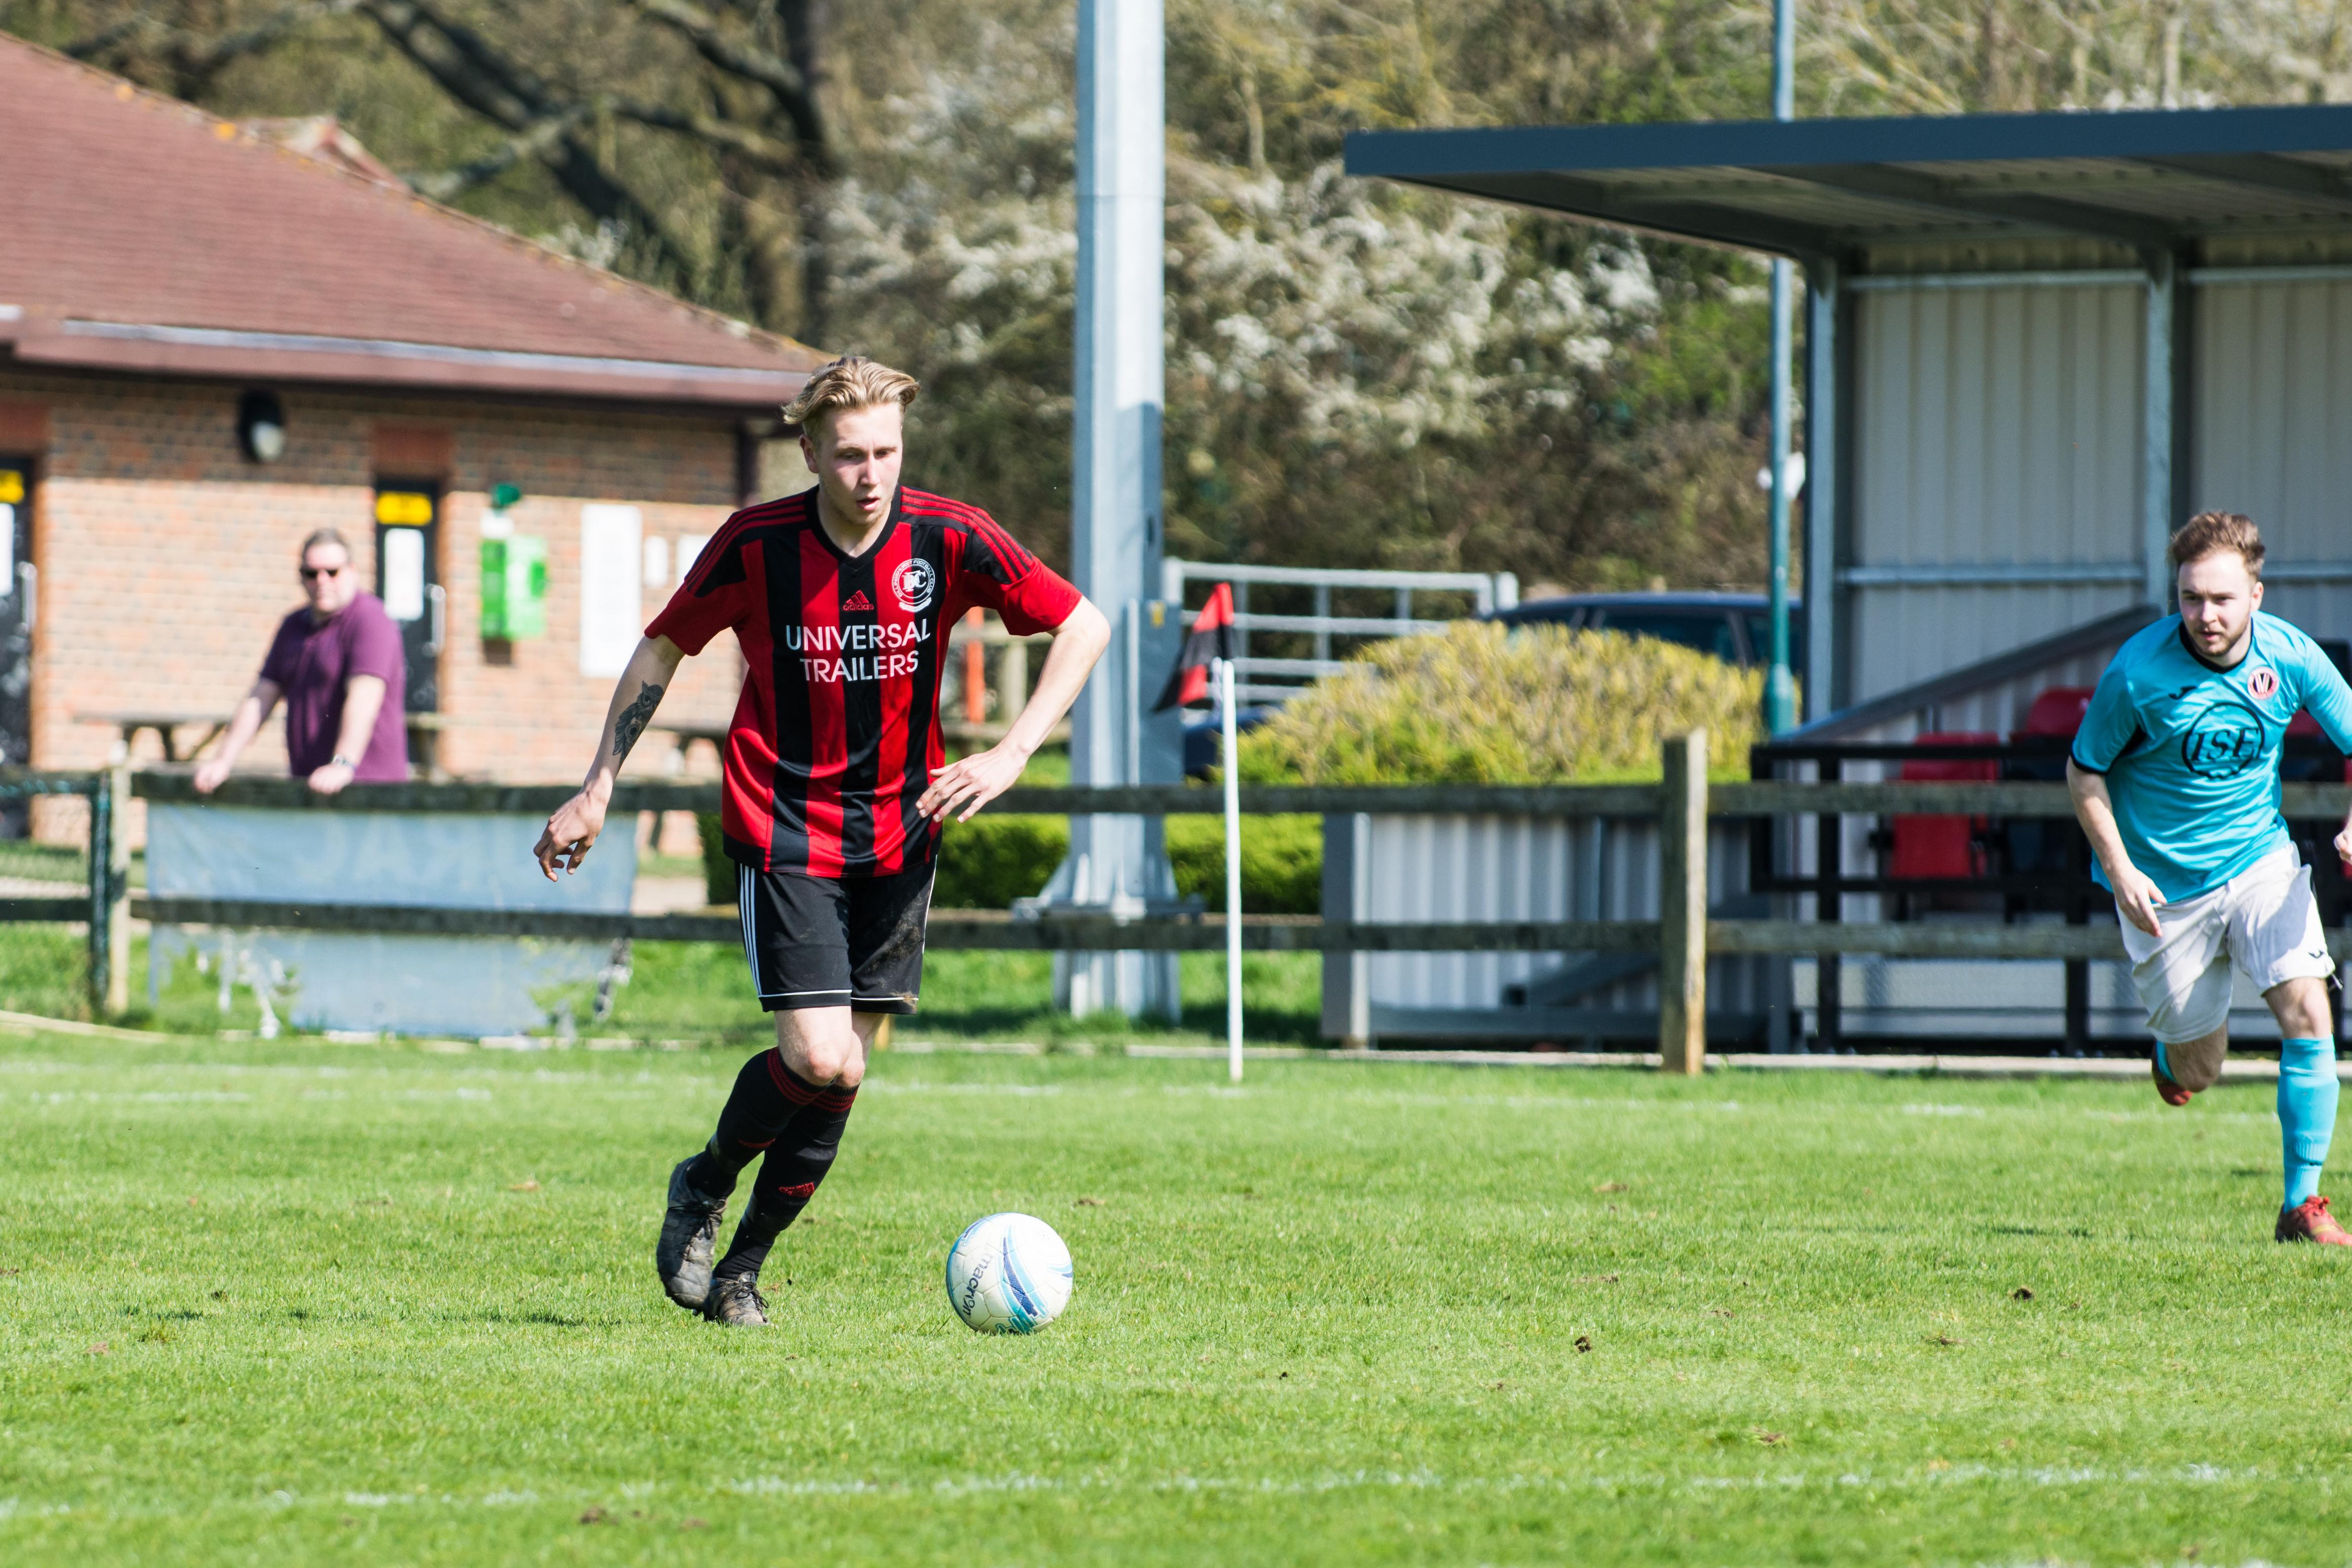 DAVID_JEFFERY Billingshurst FC vs AFC Varndeanians 14.04.18 17